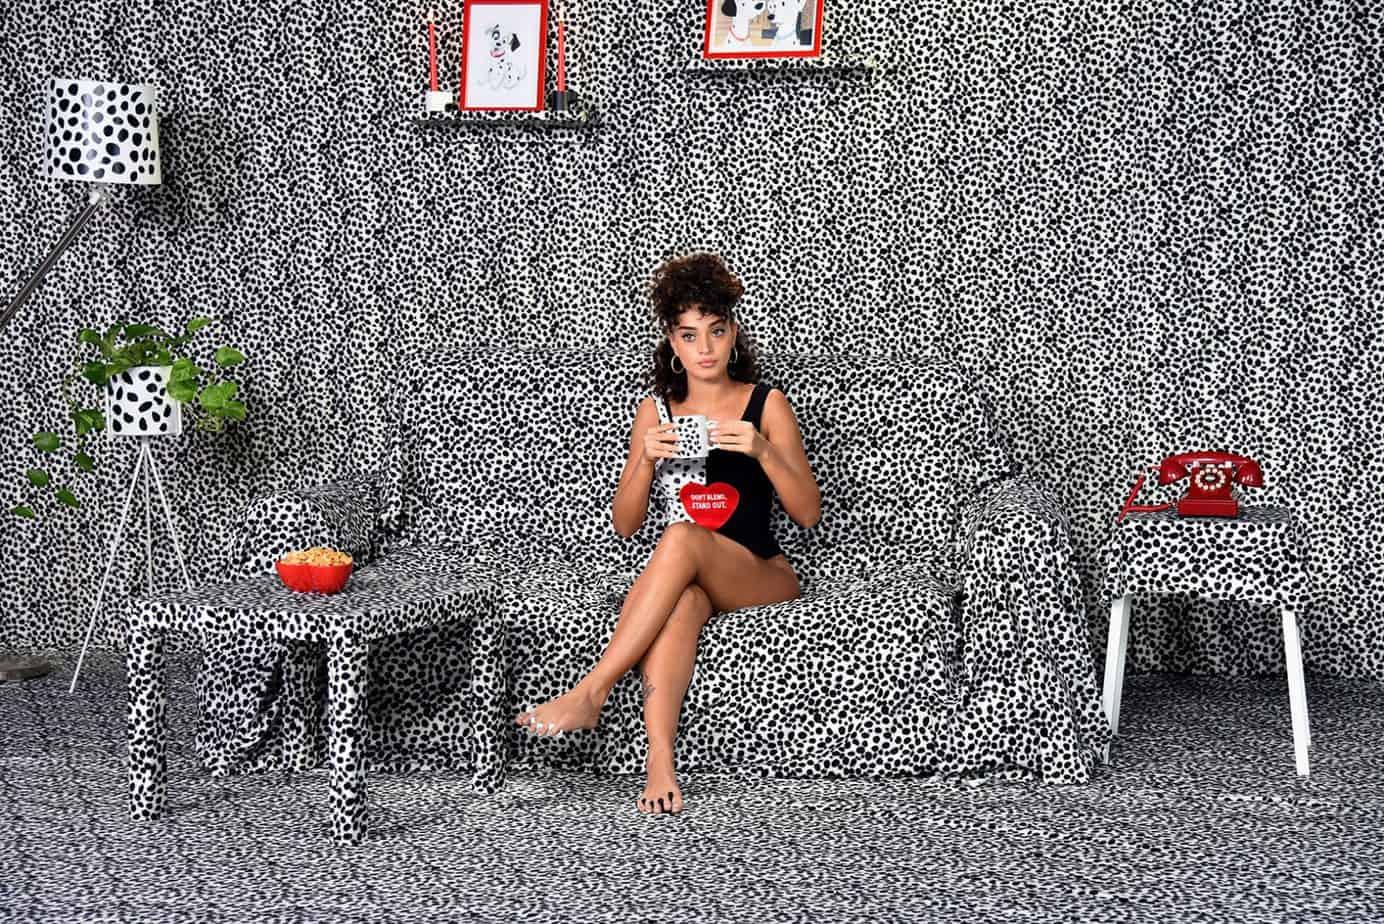 עדן פינס הלבשה תחתונה, fix, efifo, מגזין אופנה, אופנה, fashion,, צילום לימור יערי - 1